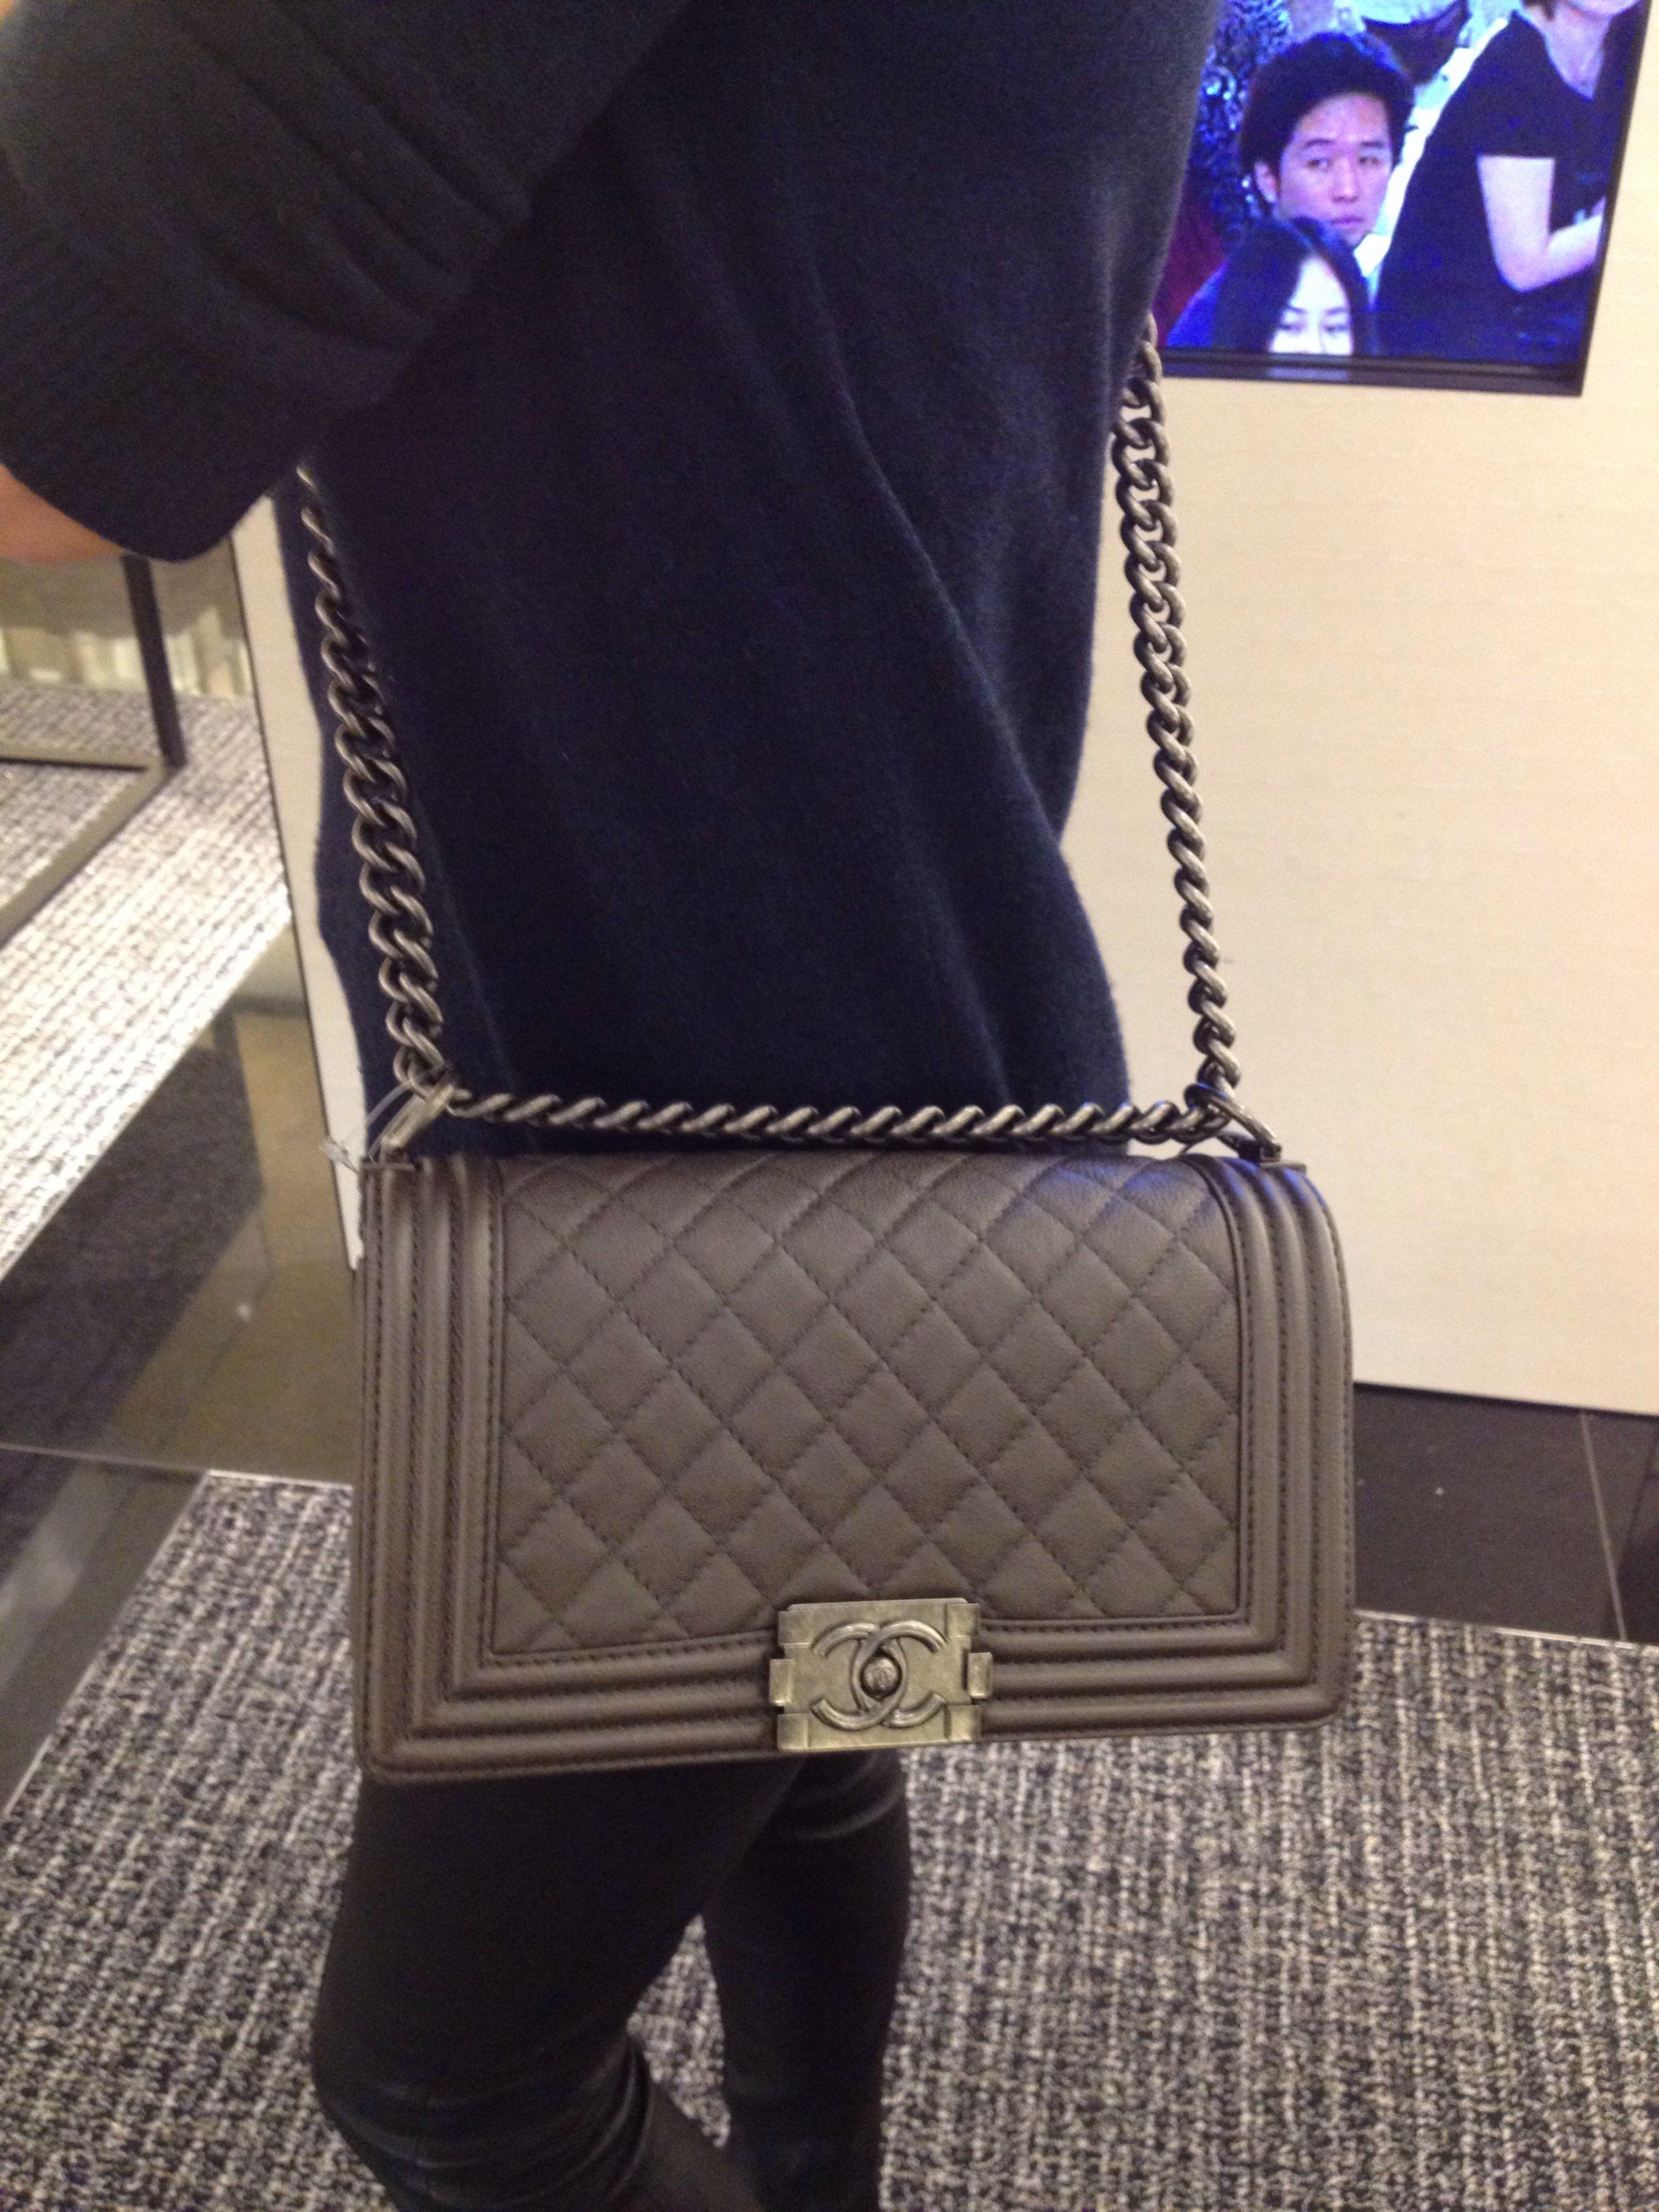 afc5855e597e9b Pin by Ashley Cooper on Chanel Boy Handbags in 2019 | Chanel boy bag ...